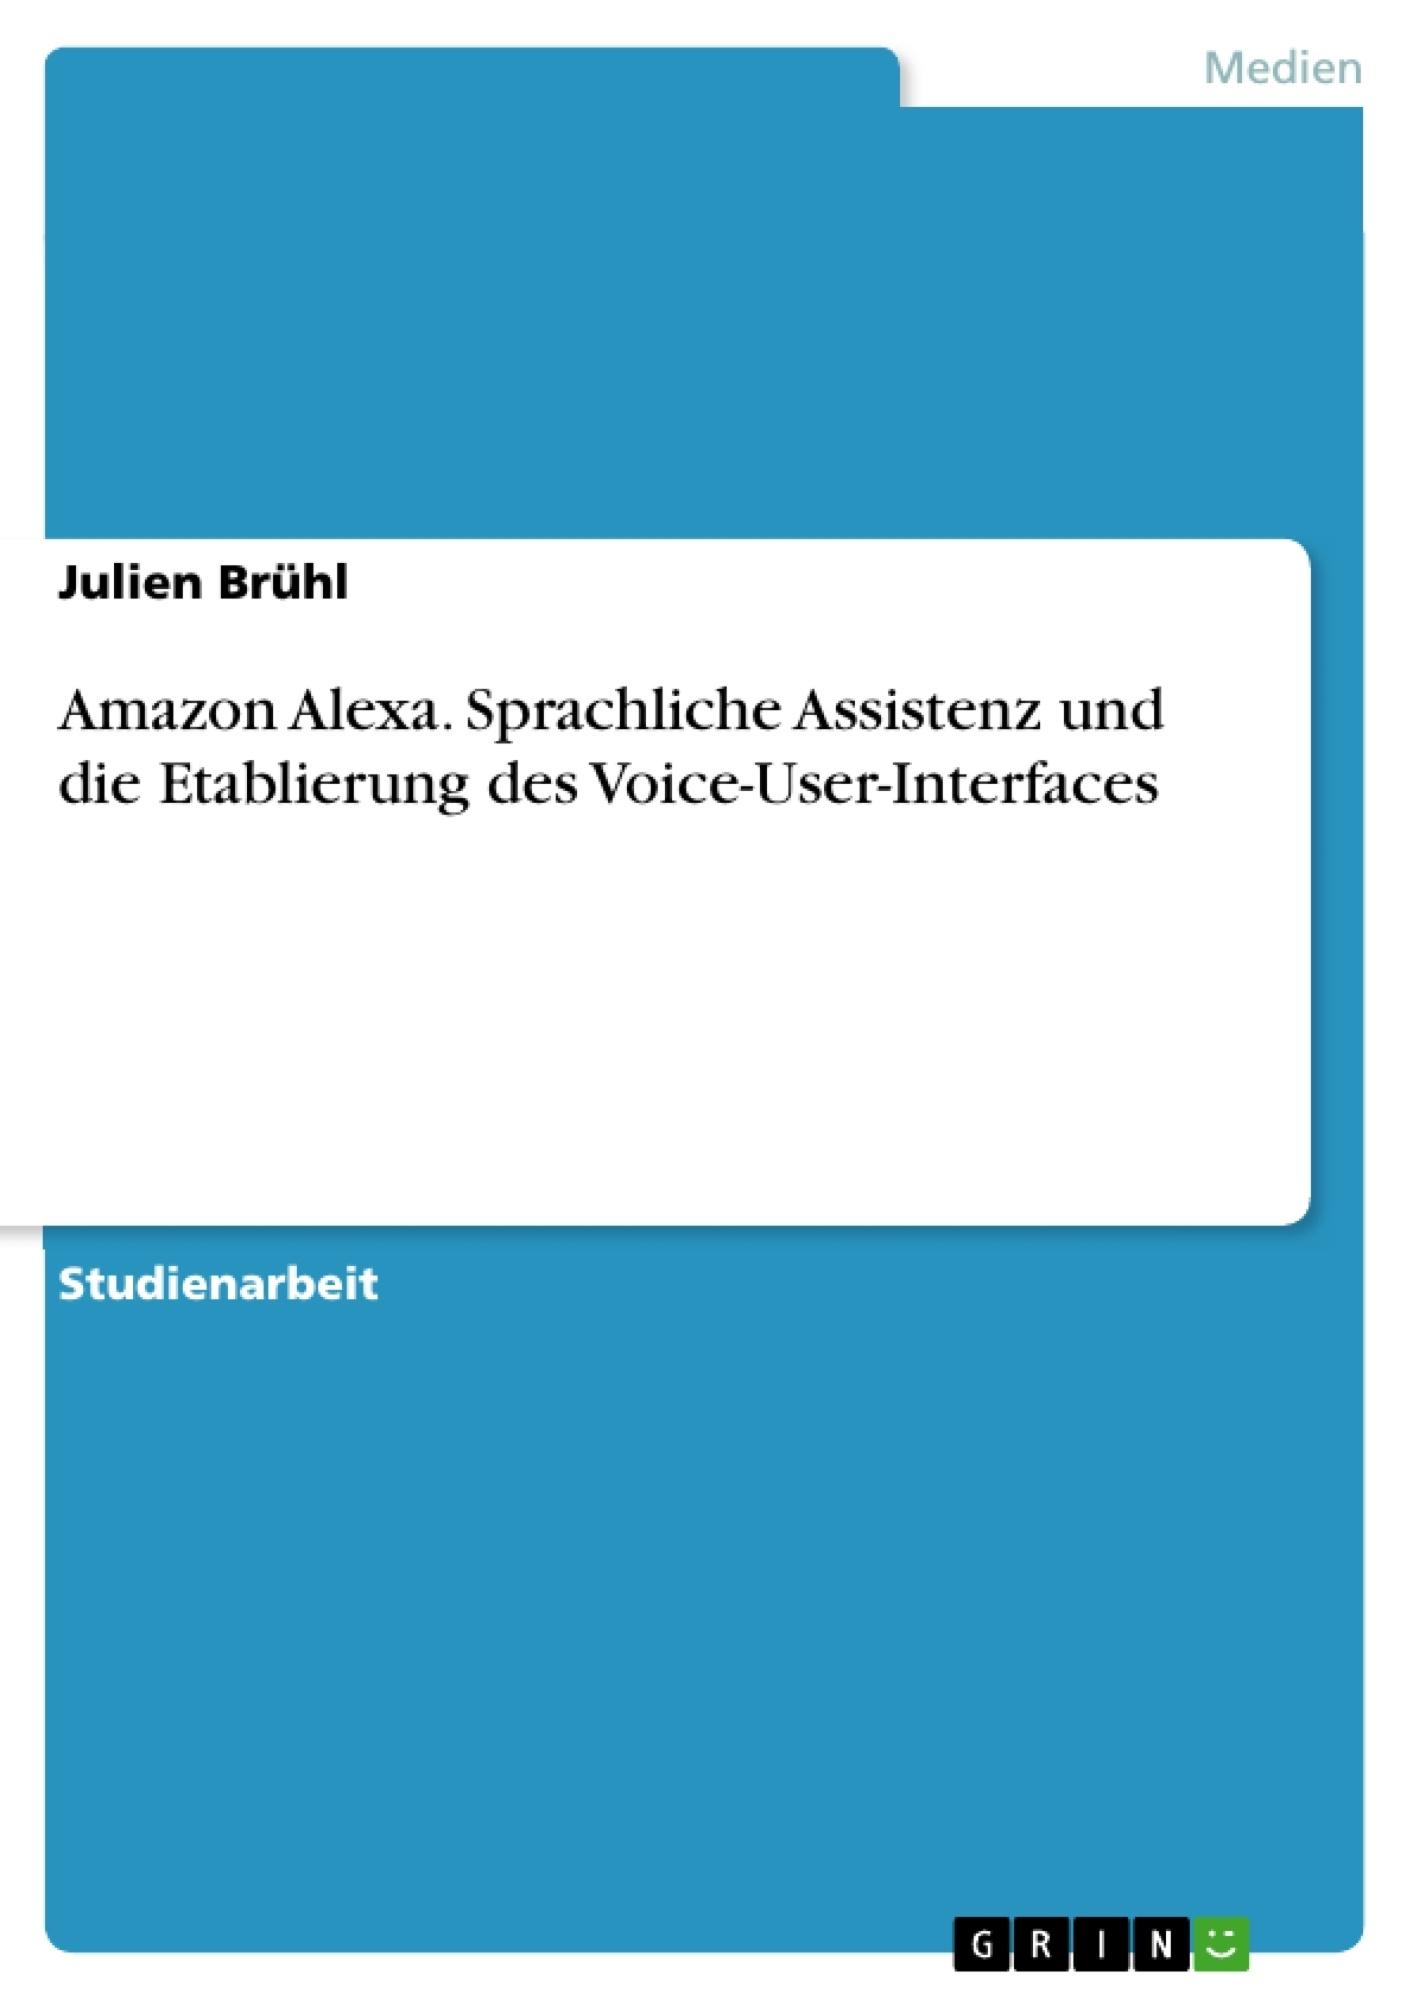 Titel: Amazon Alexa. Sprachliche Assistenz und die Etablierung des Voice-User-Interfaces